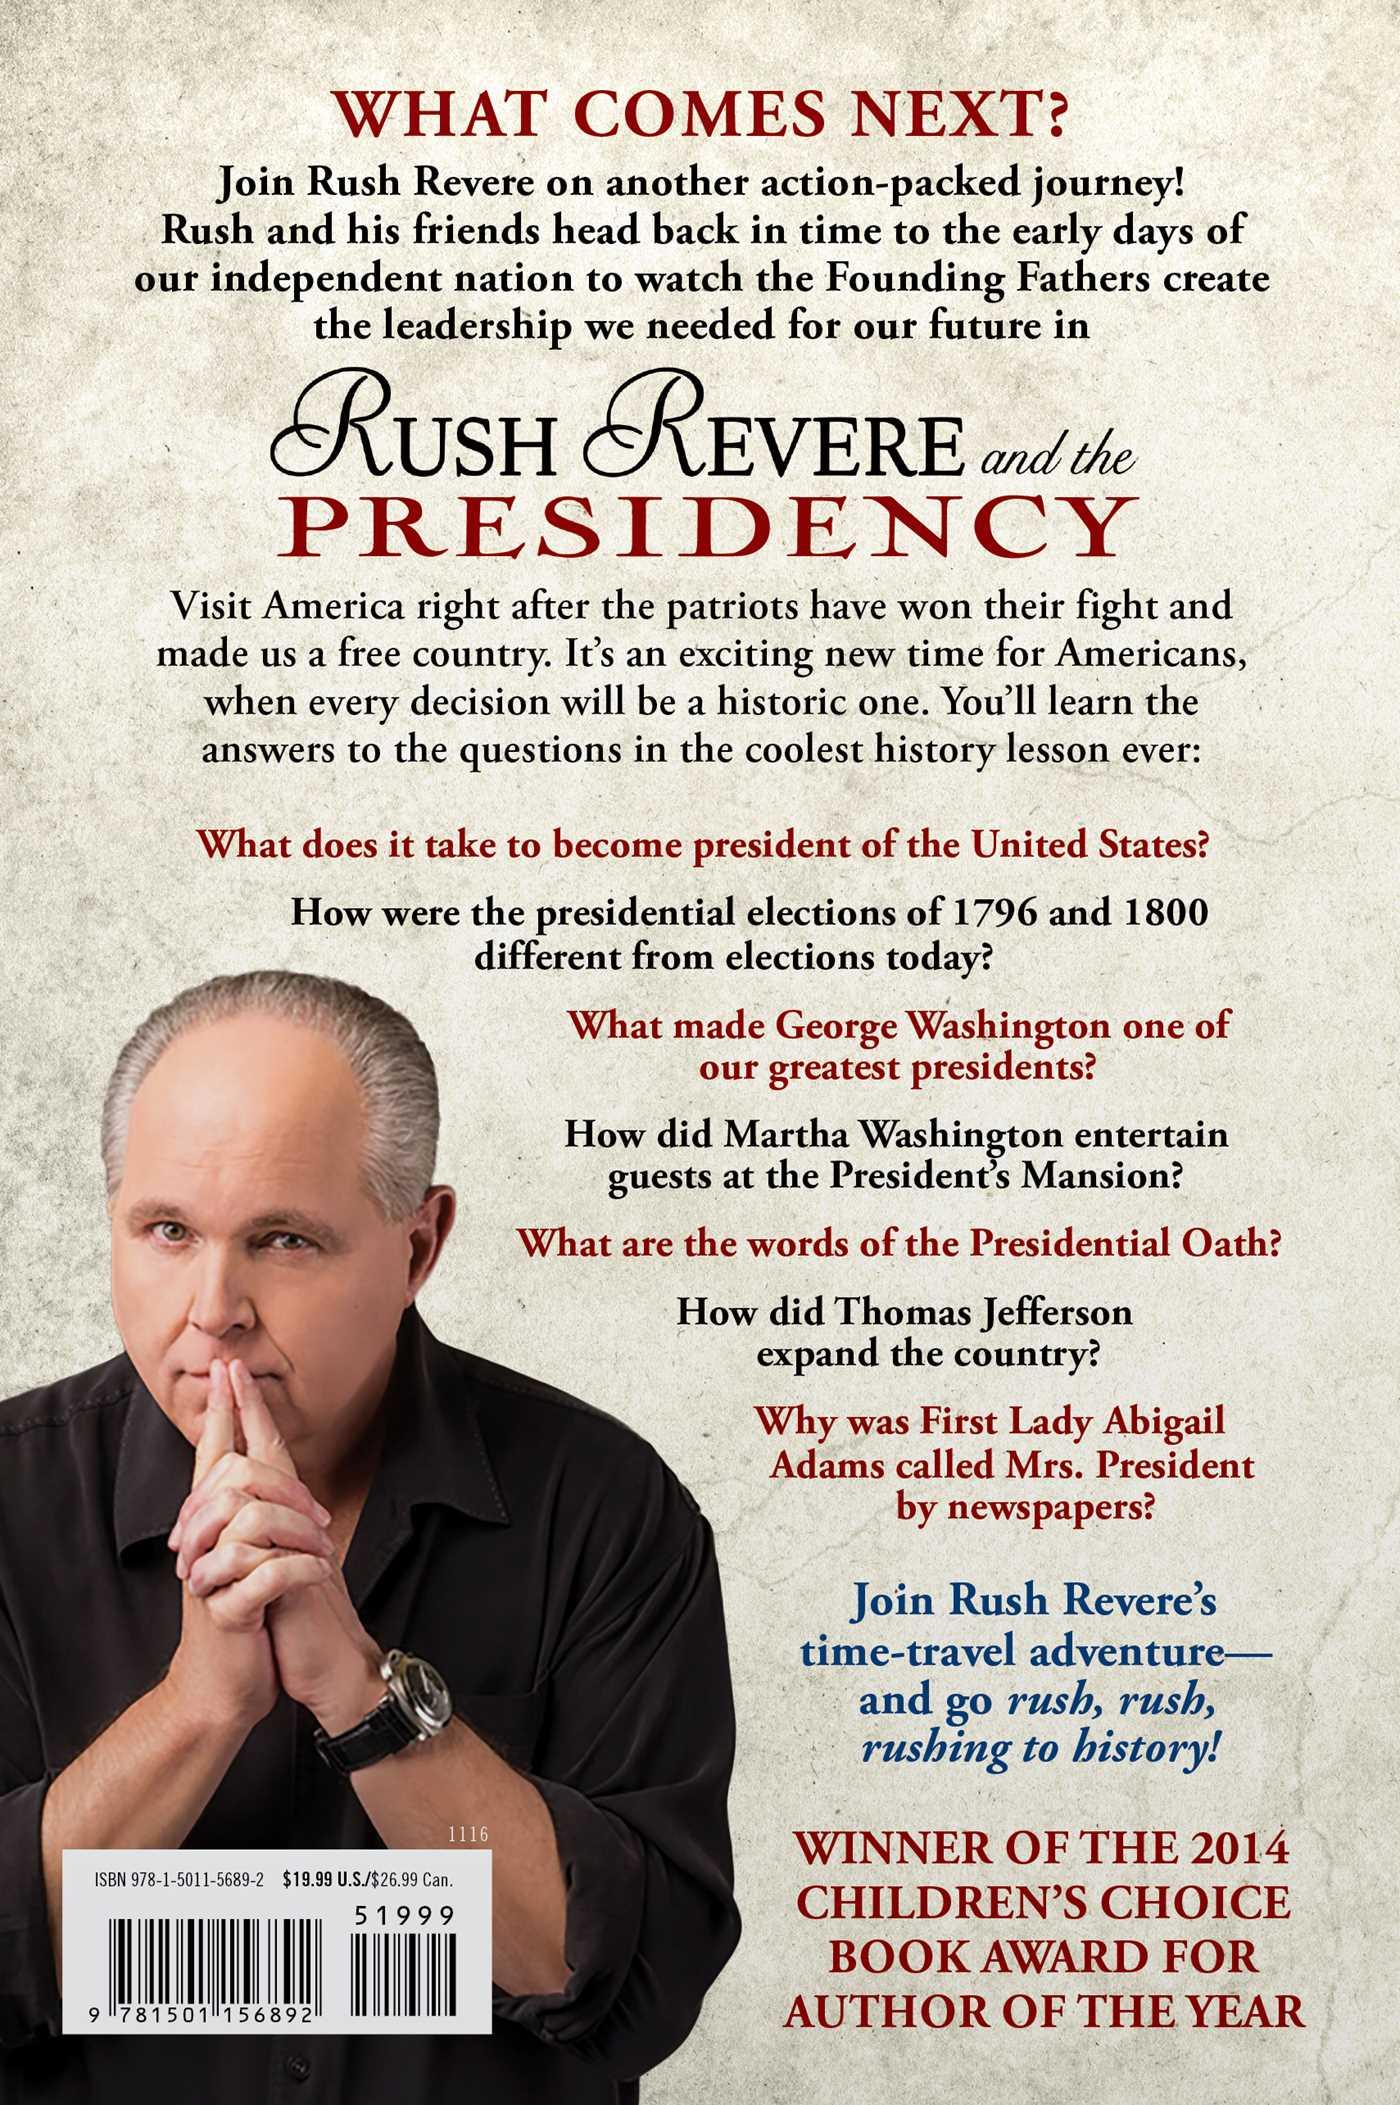 Rush revere and the presidency 9781501156892 hr back